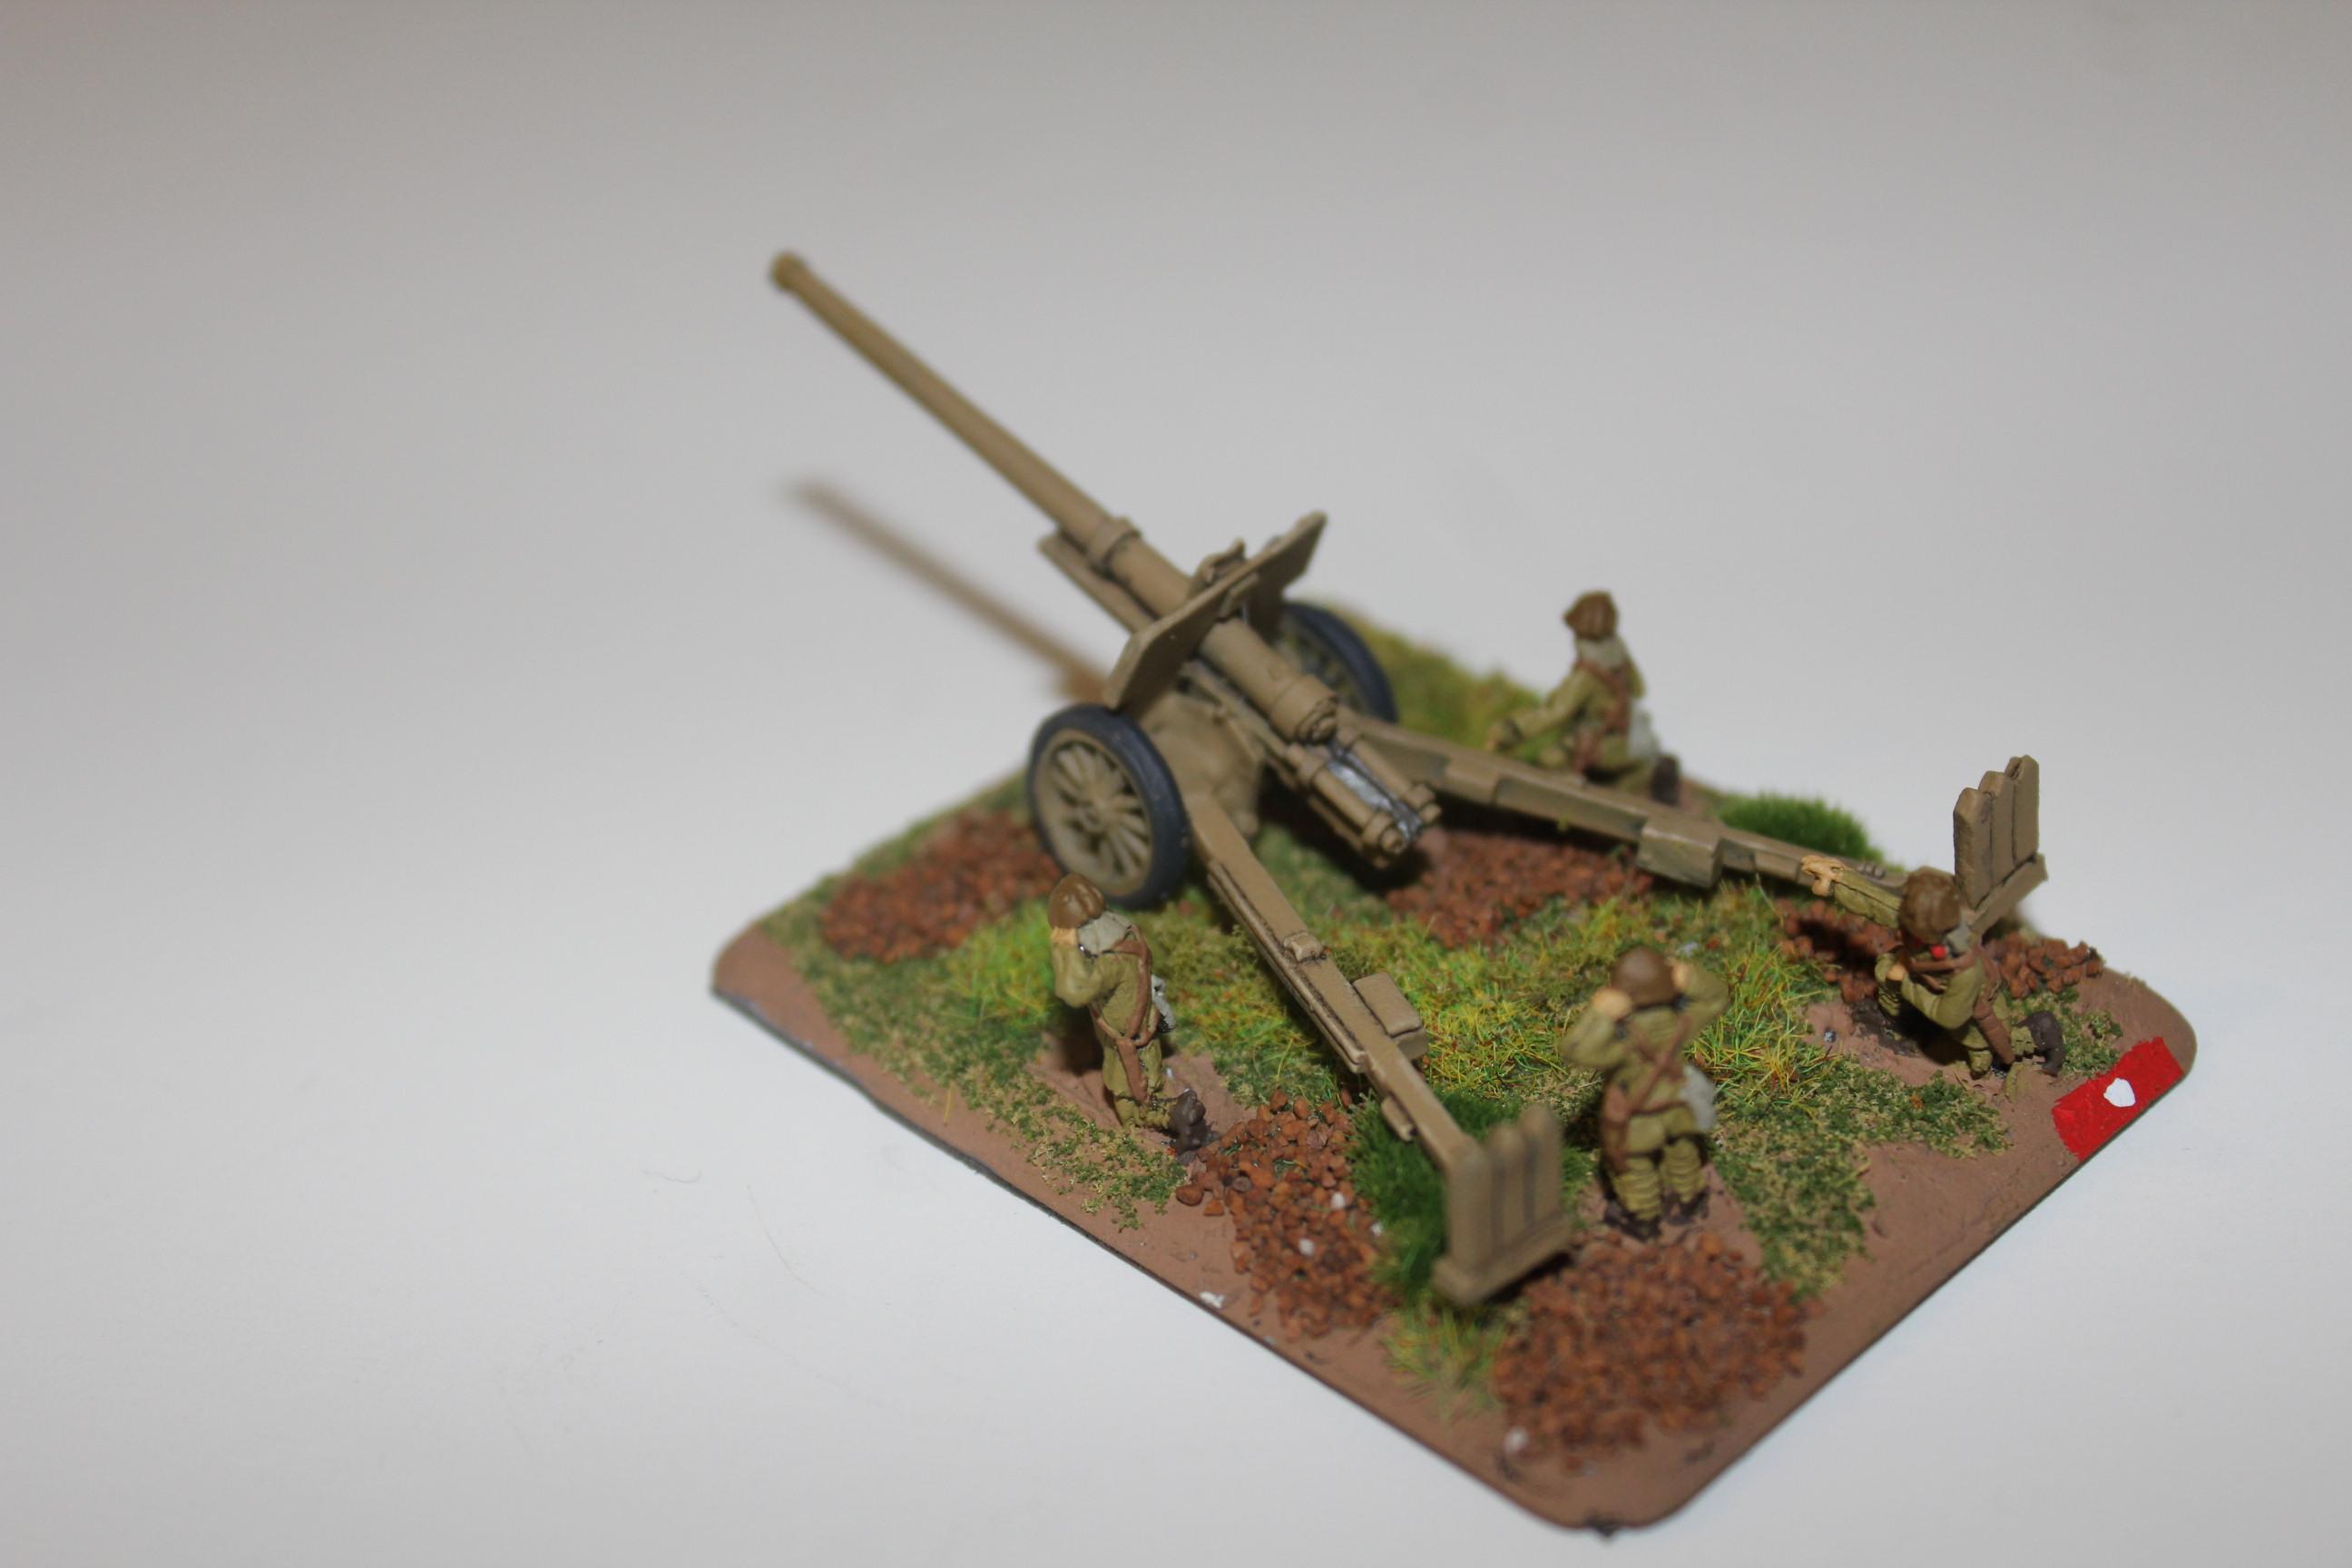 Ww2 Japanese Artillery And Guns